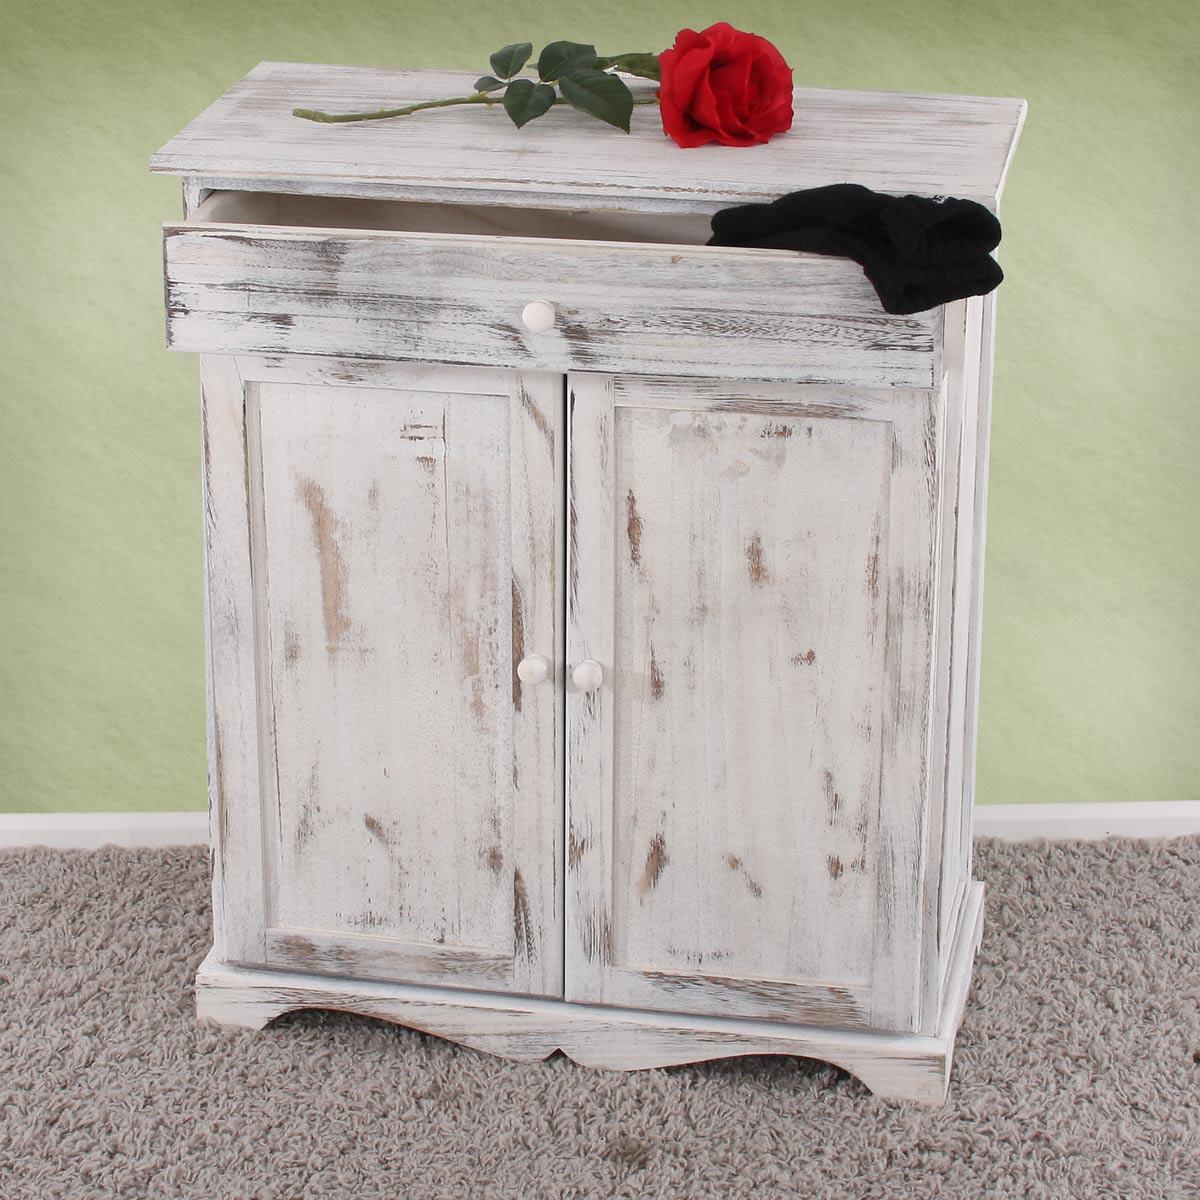 Vintage möbel weiss braun  Kommode Schrank, 78x66x33cm, Shabby-Look, Vintage, weiß, braun ...